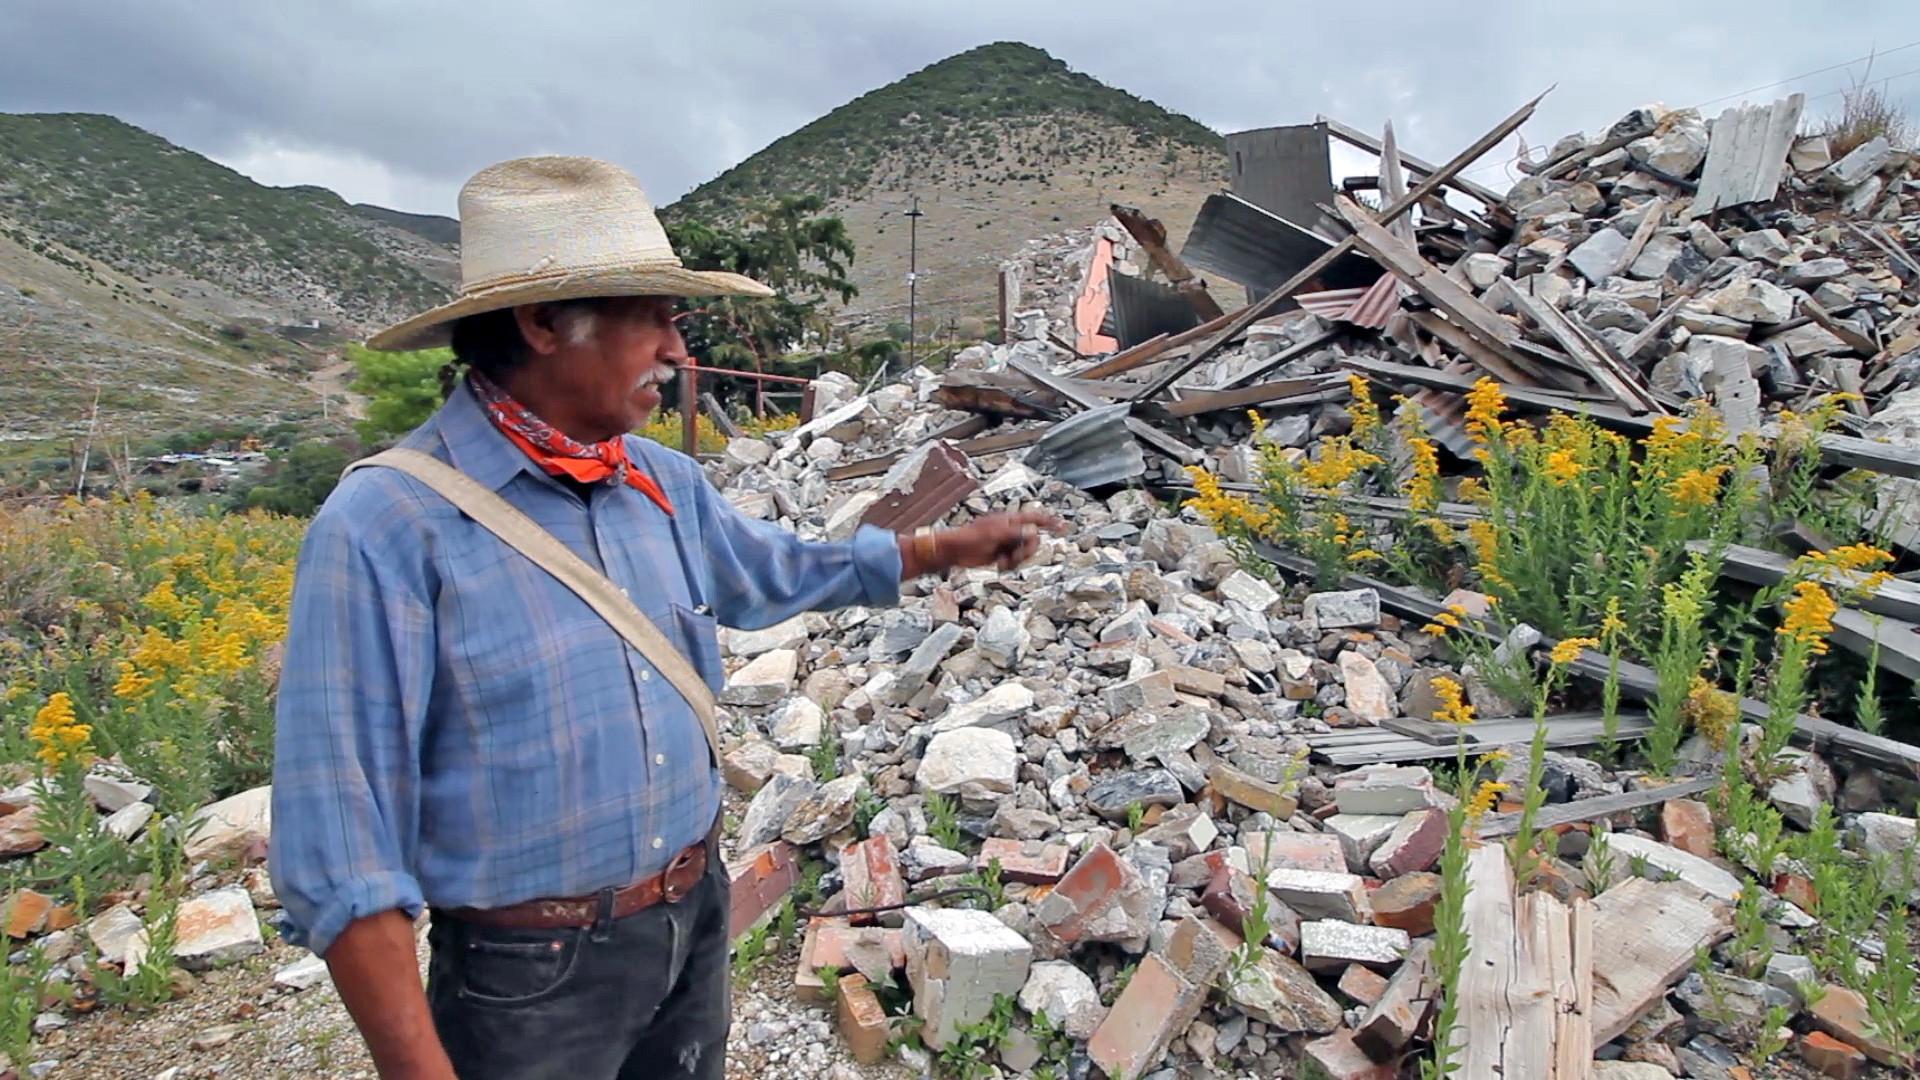 El campesino que lucha contra una minera de Carlos Slim para impedir la desaparición de su pueblo (Zacatecas)